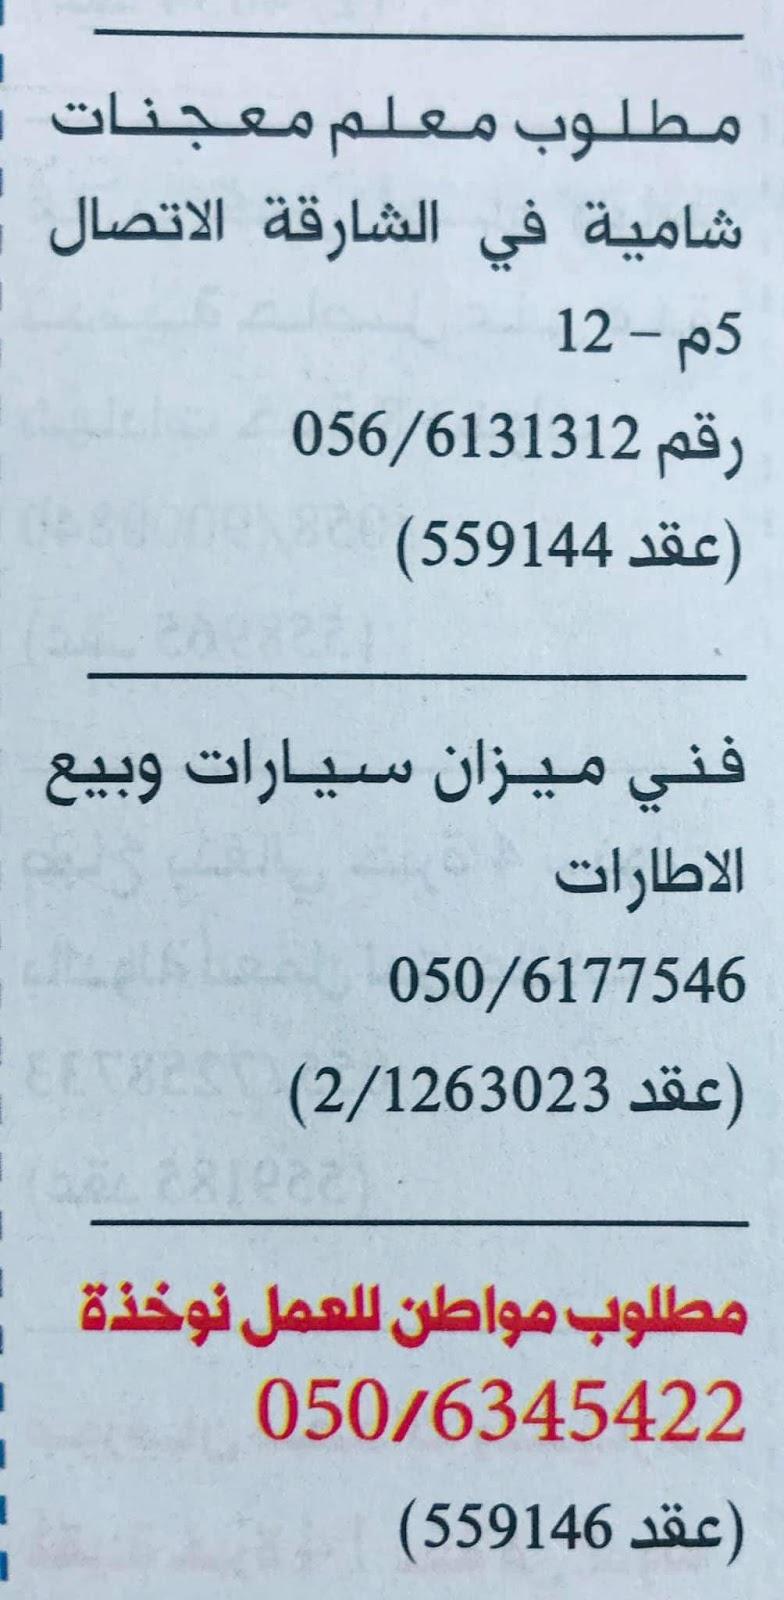 وظائف صحيفة دليل الاتحاد باللغة العربية